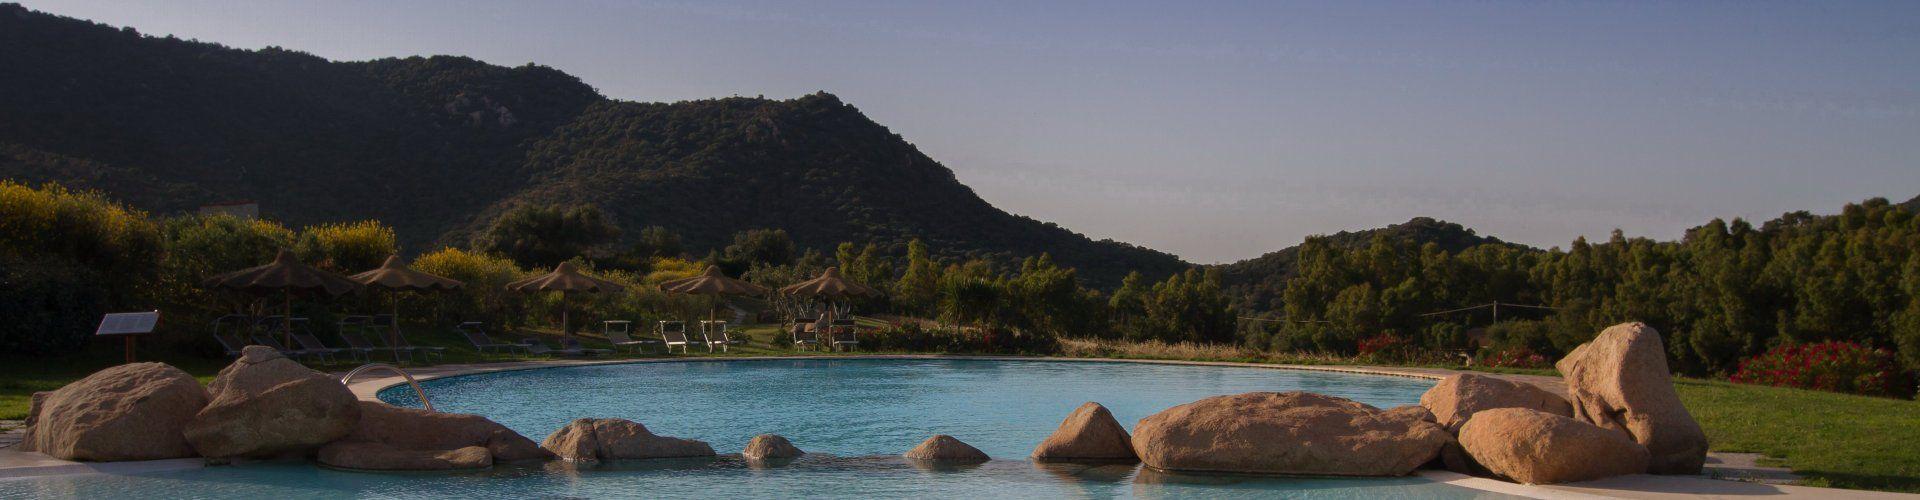 Ferienvilla mit Meerblick und Gemeinschaftspool in Süd-Ost Sardinien